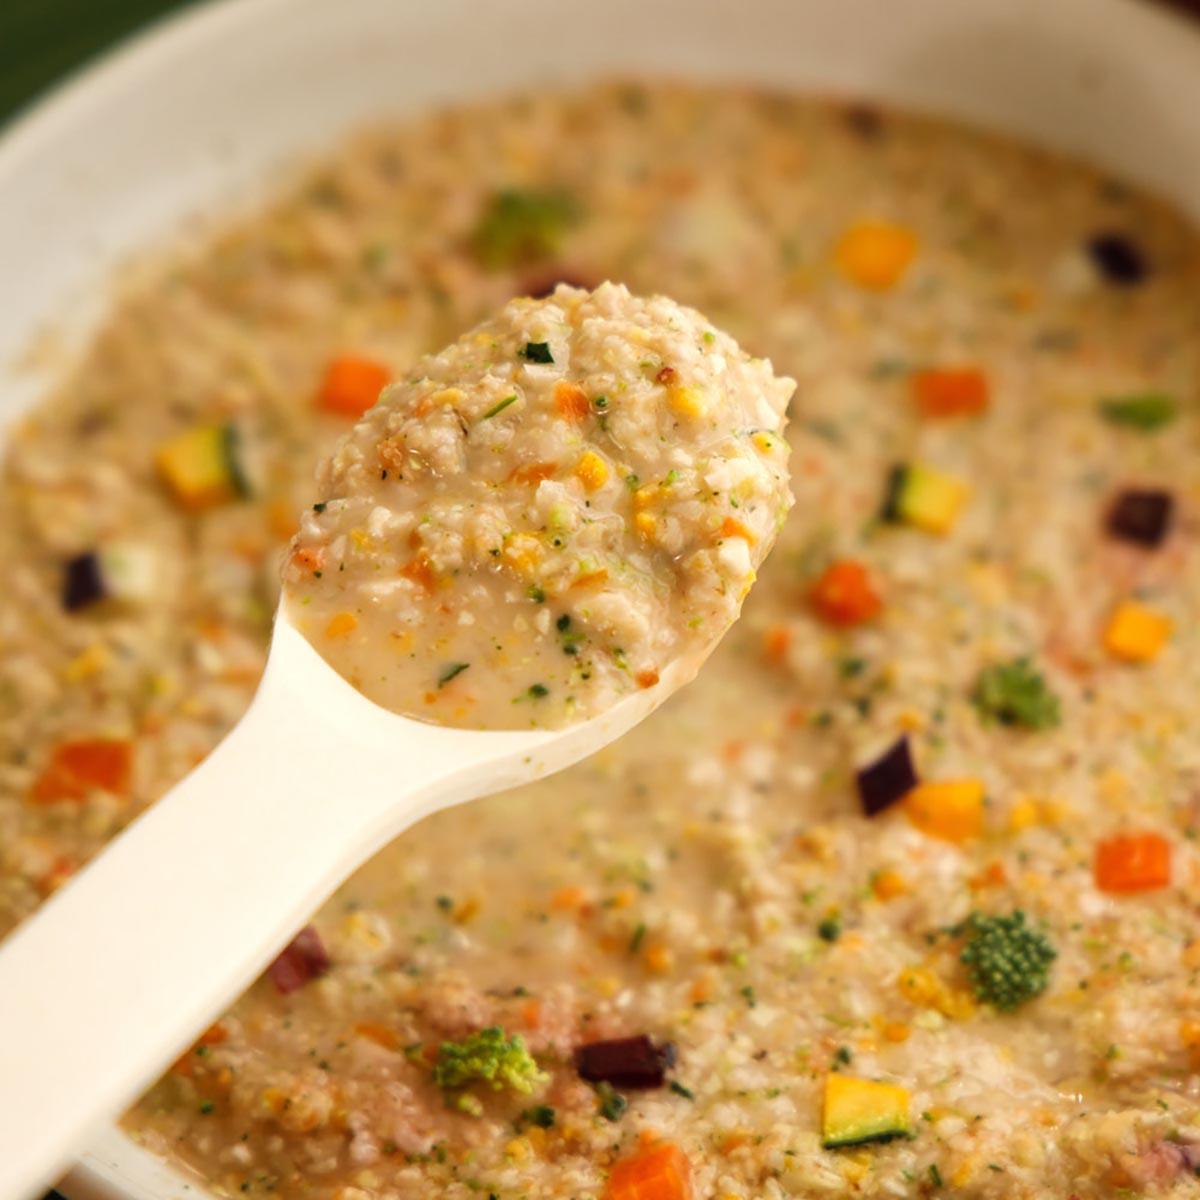 맛있게 끓인 현미채소죽을 숫가락으로 한스푼 뜬 사진